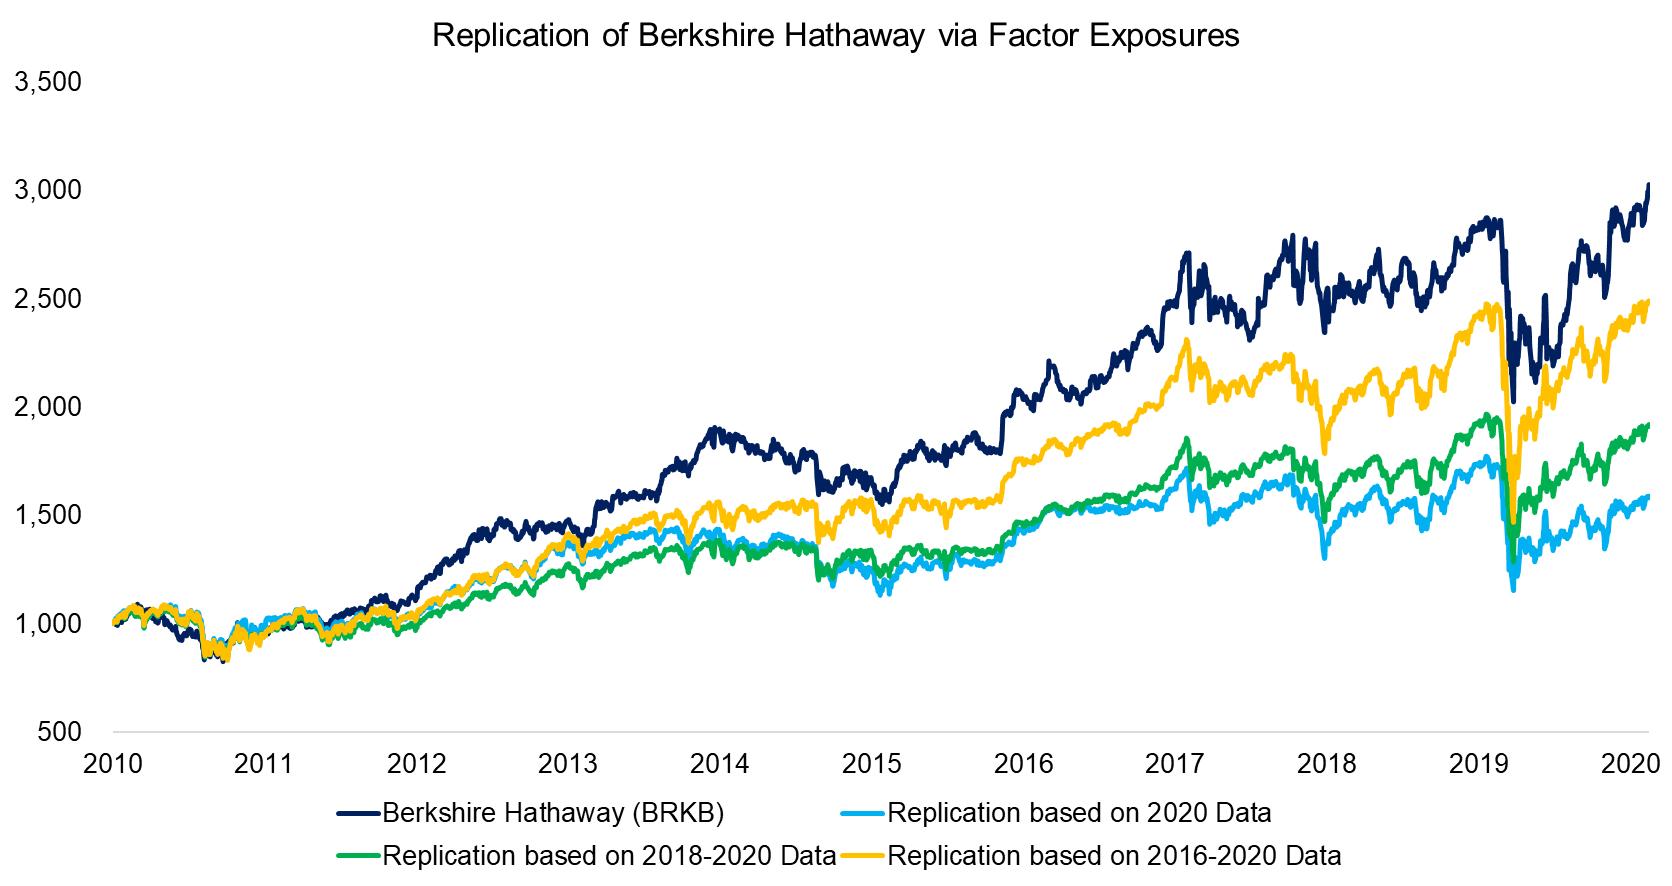 Replication of Berkshire Hathaway via Factor Exposures